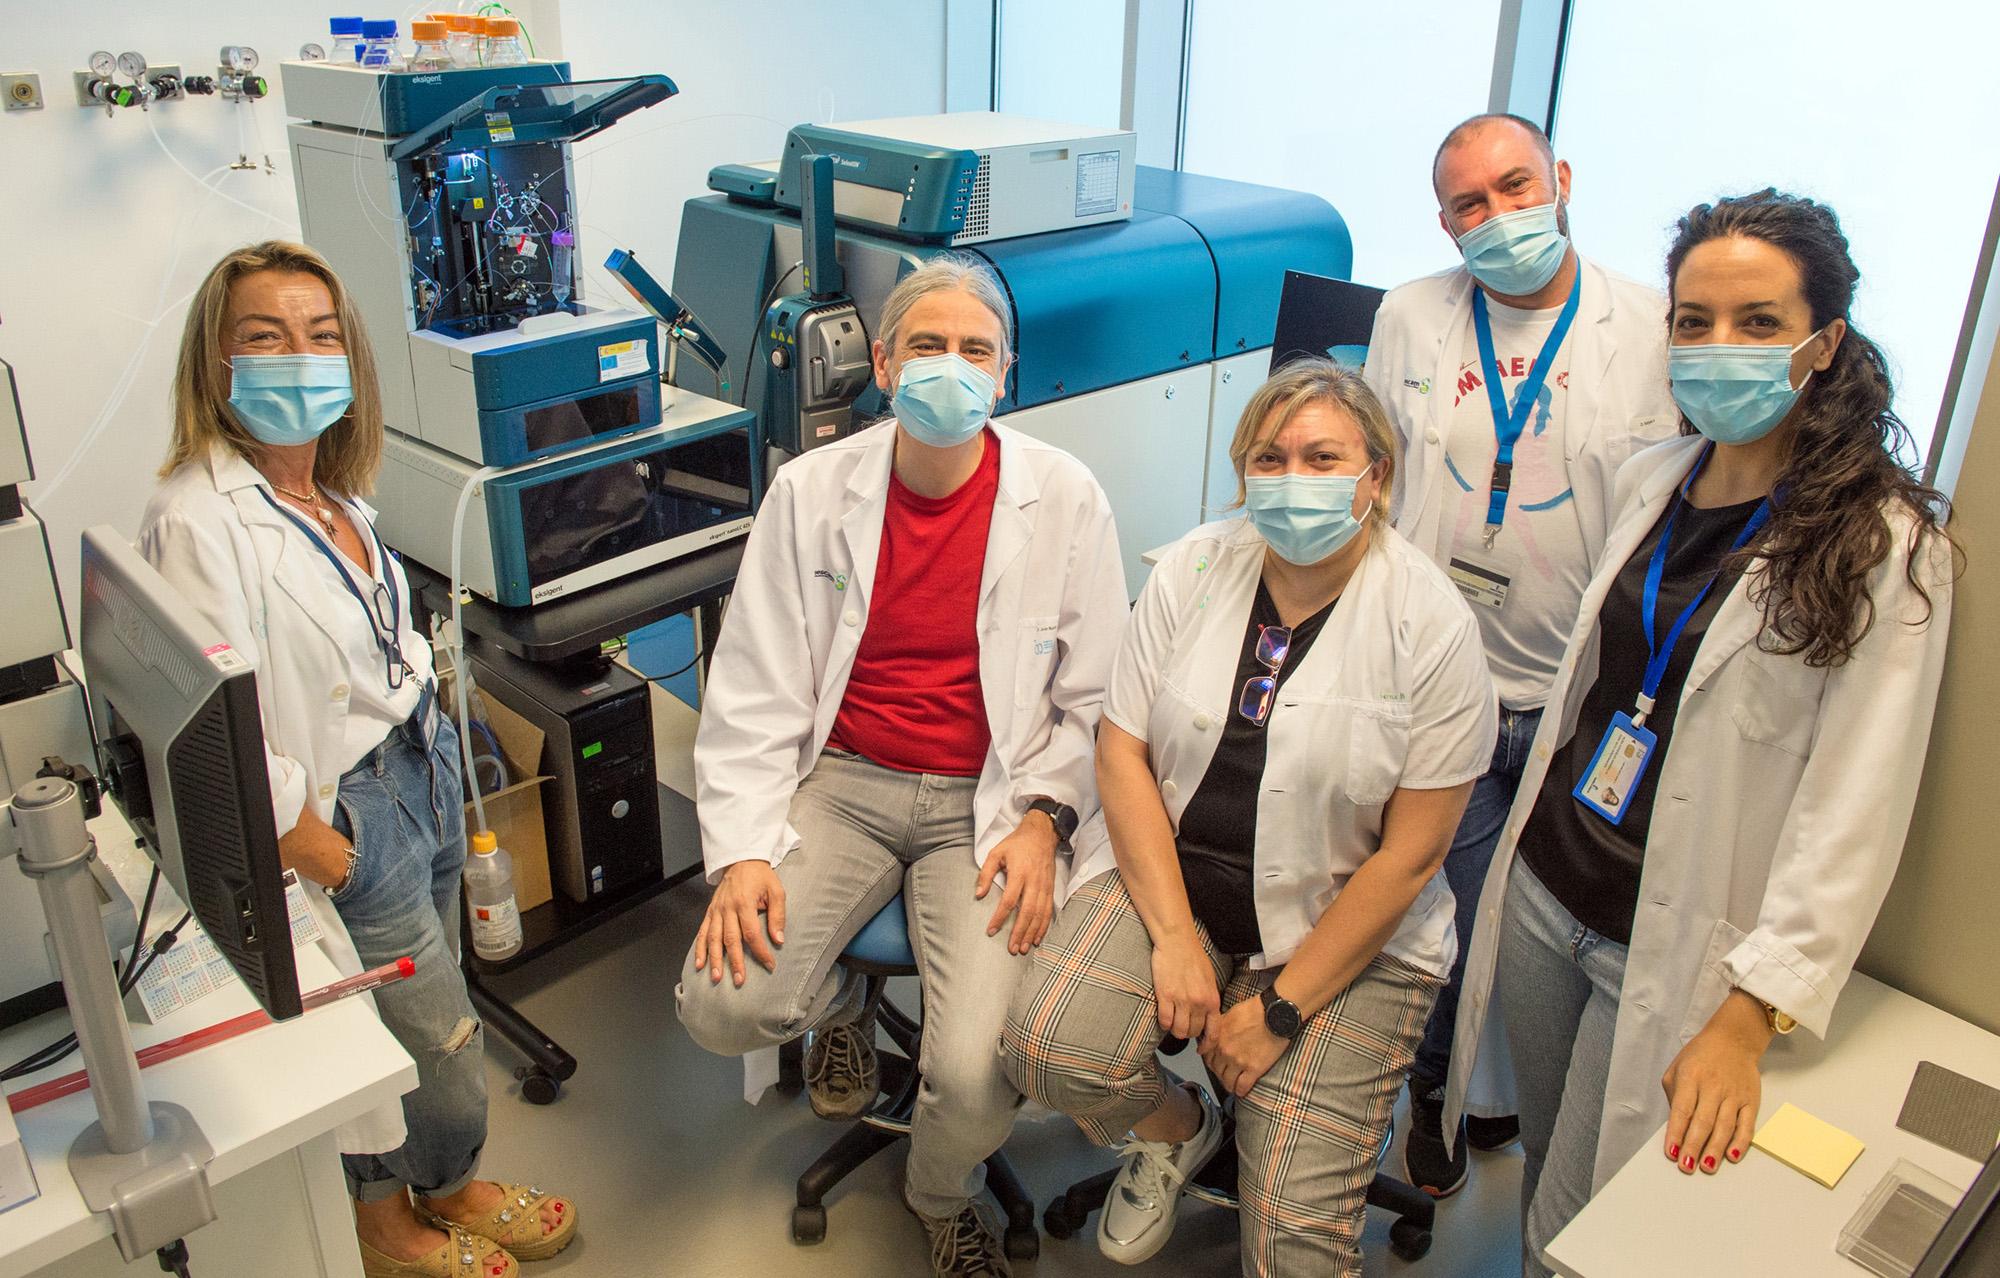 Europa y JCCM dotan a Parapléicos de modernas infraestructuras para la investigación